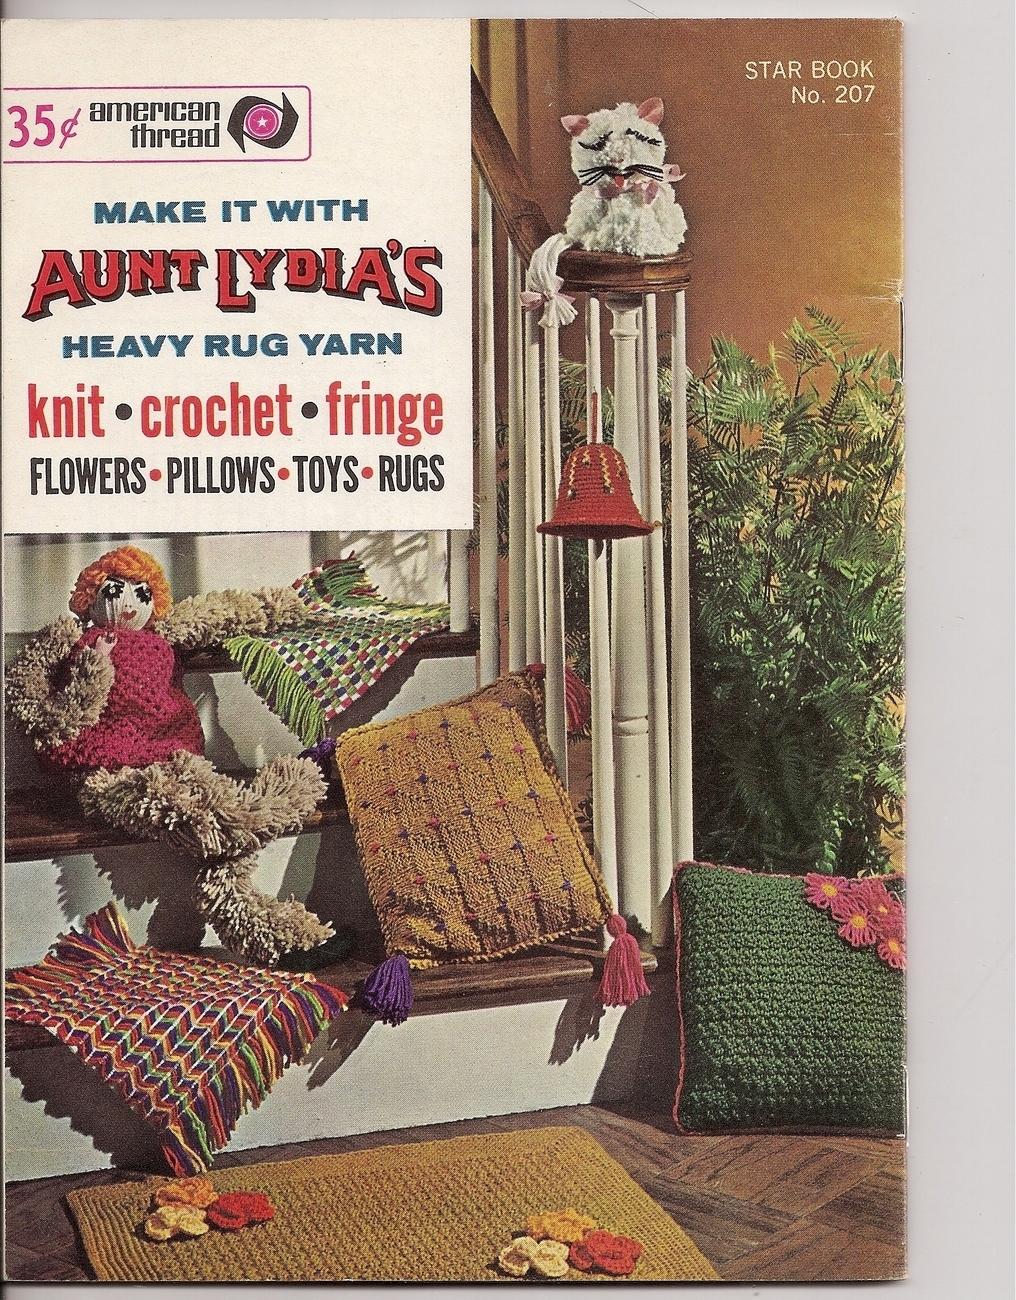 Make It With Aunt Lydias Rug Yarn Knit Crochet American Thread Star Book No 207